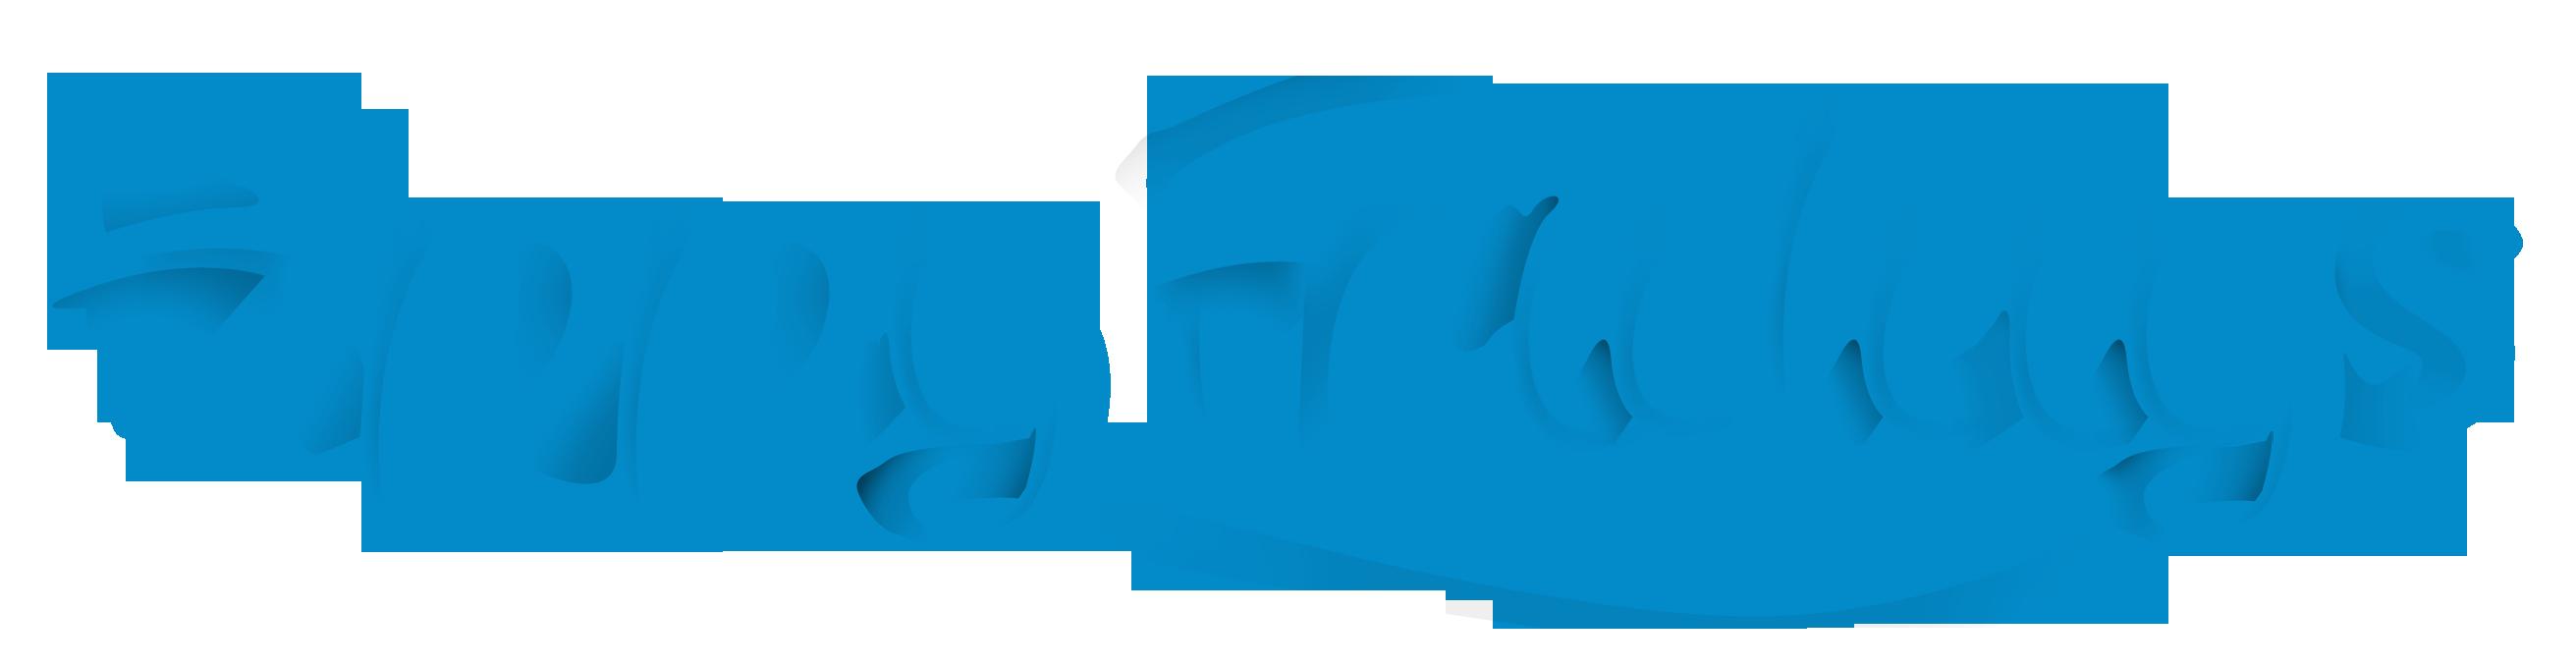 Logo do AppyFridays